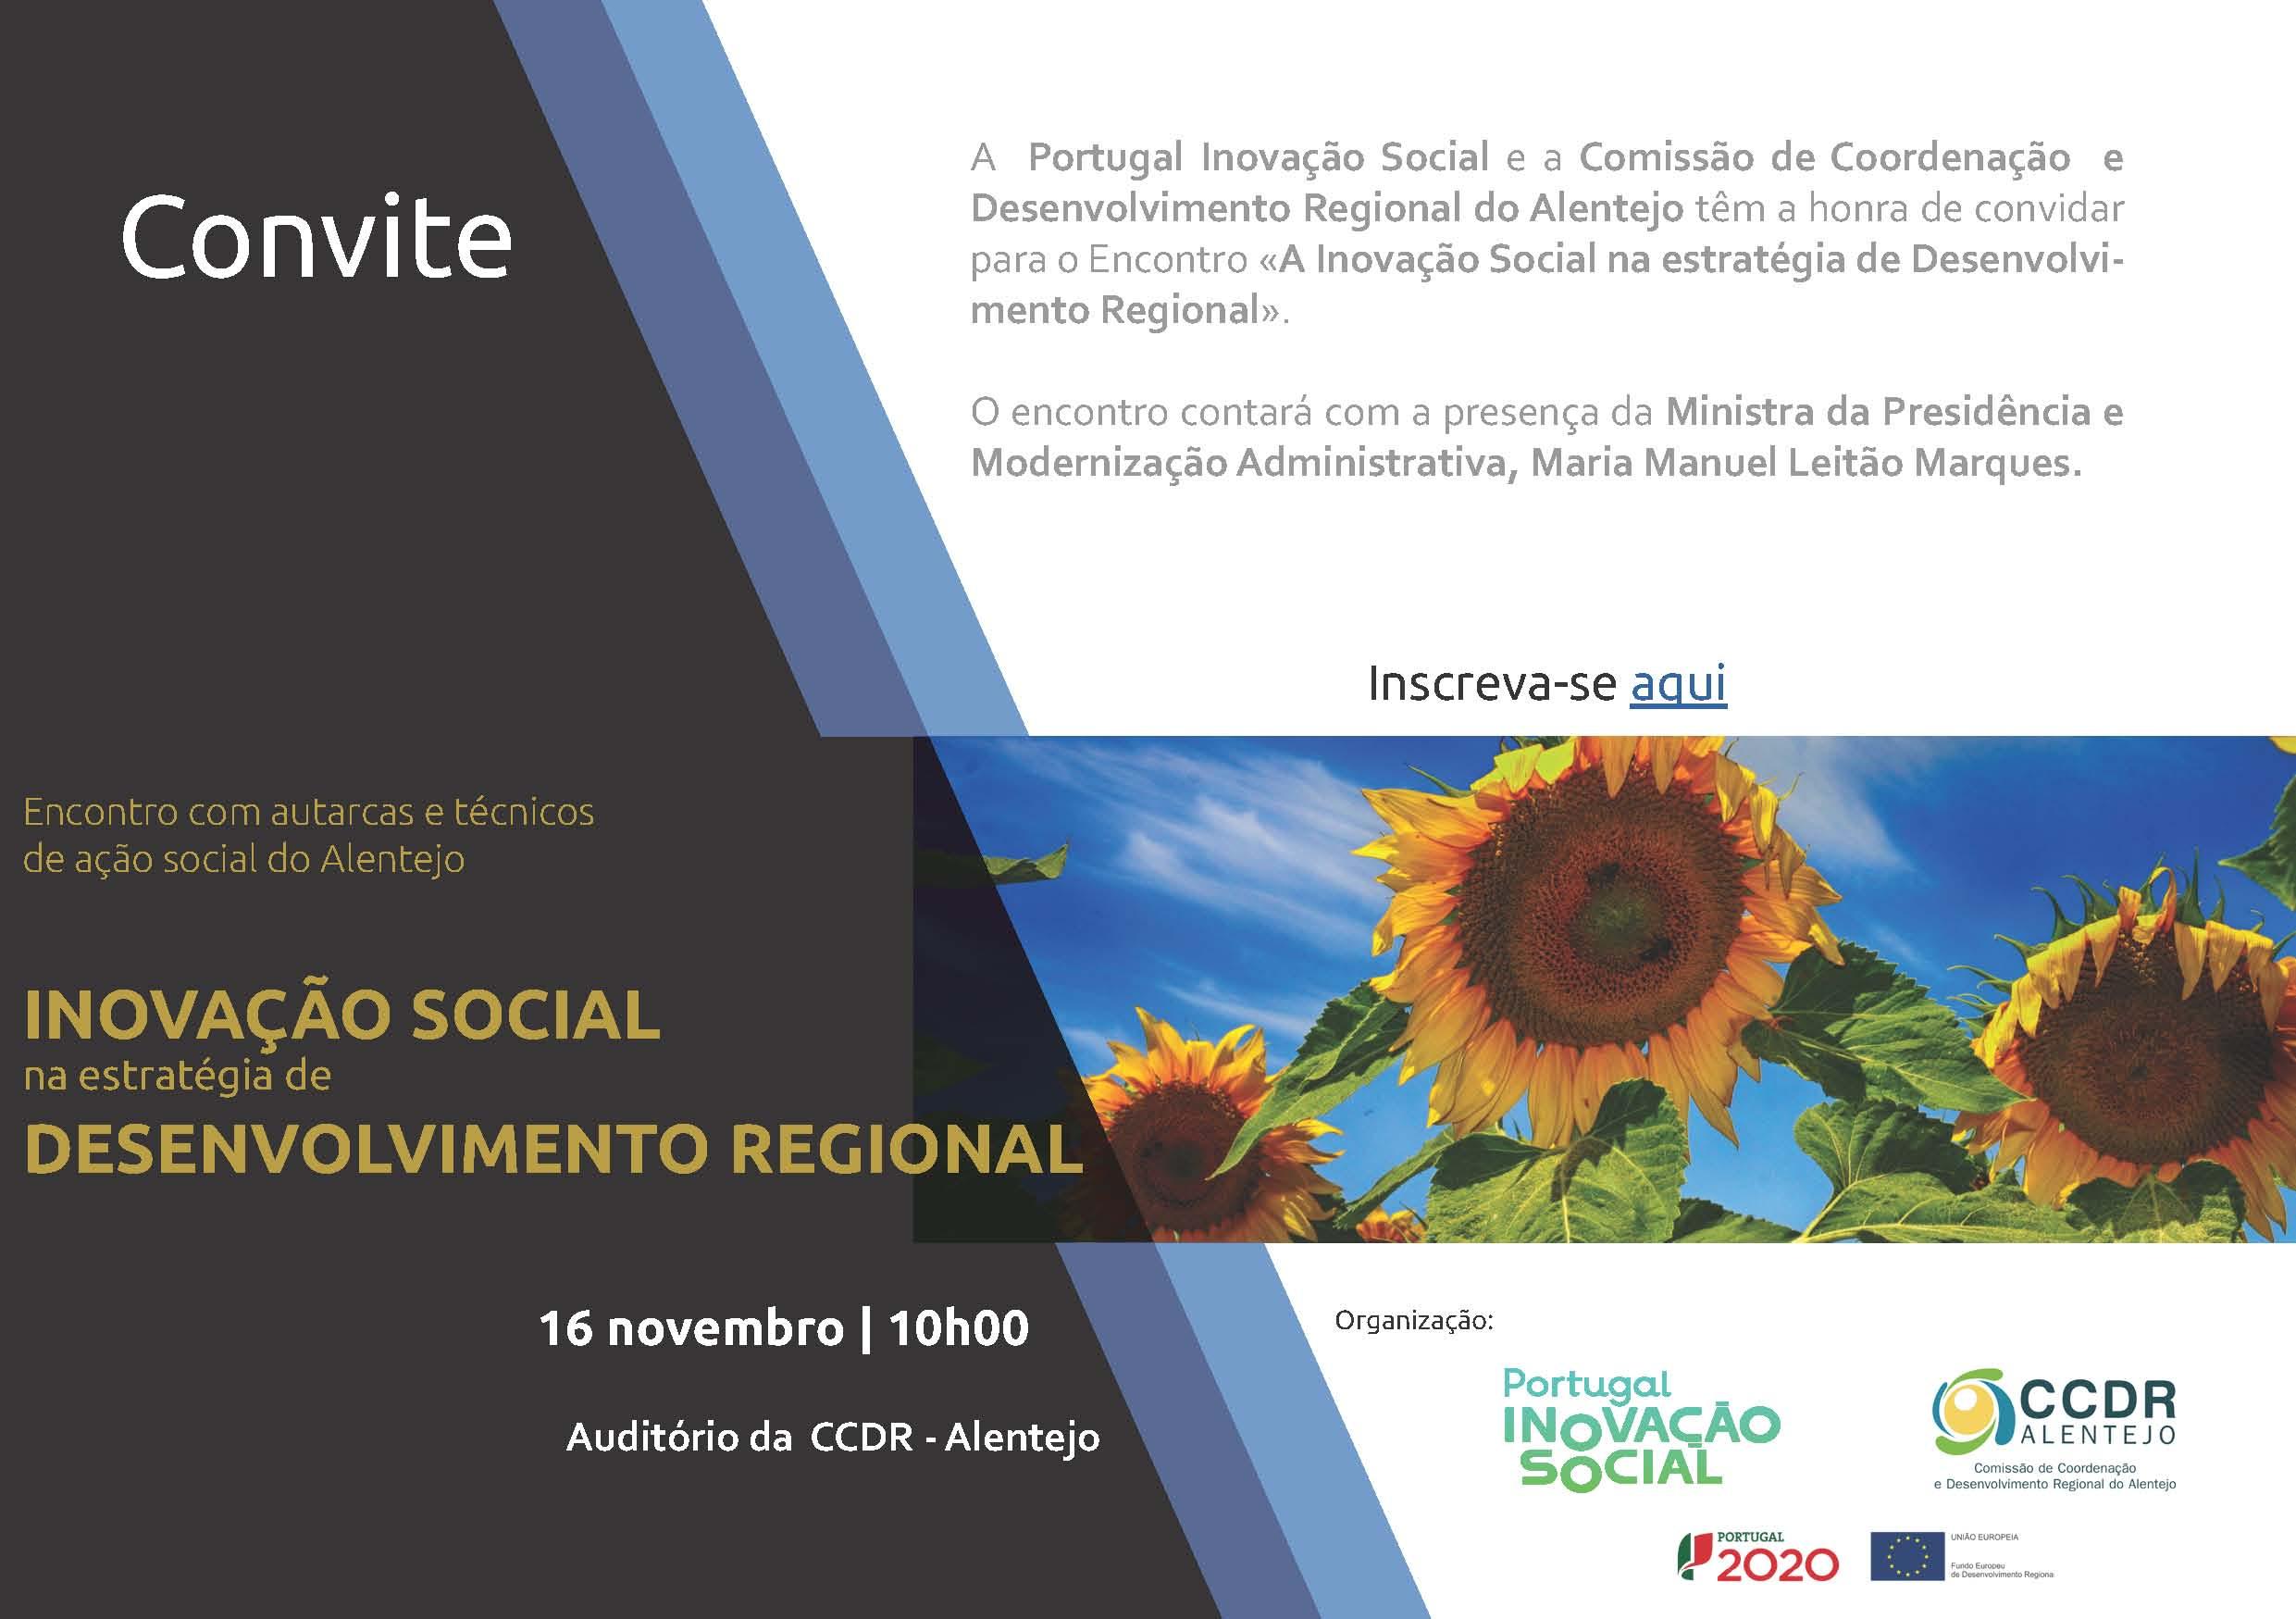 A inovação social na estratégia de Desenvolvimento Regional - encontro com autarcas | 16 novembro | 10h00 | CCDR Alentejo